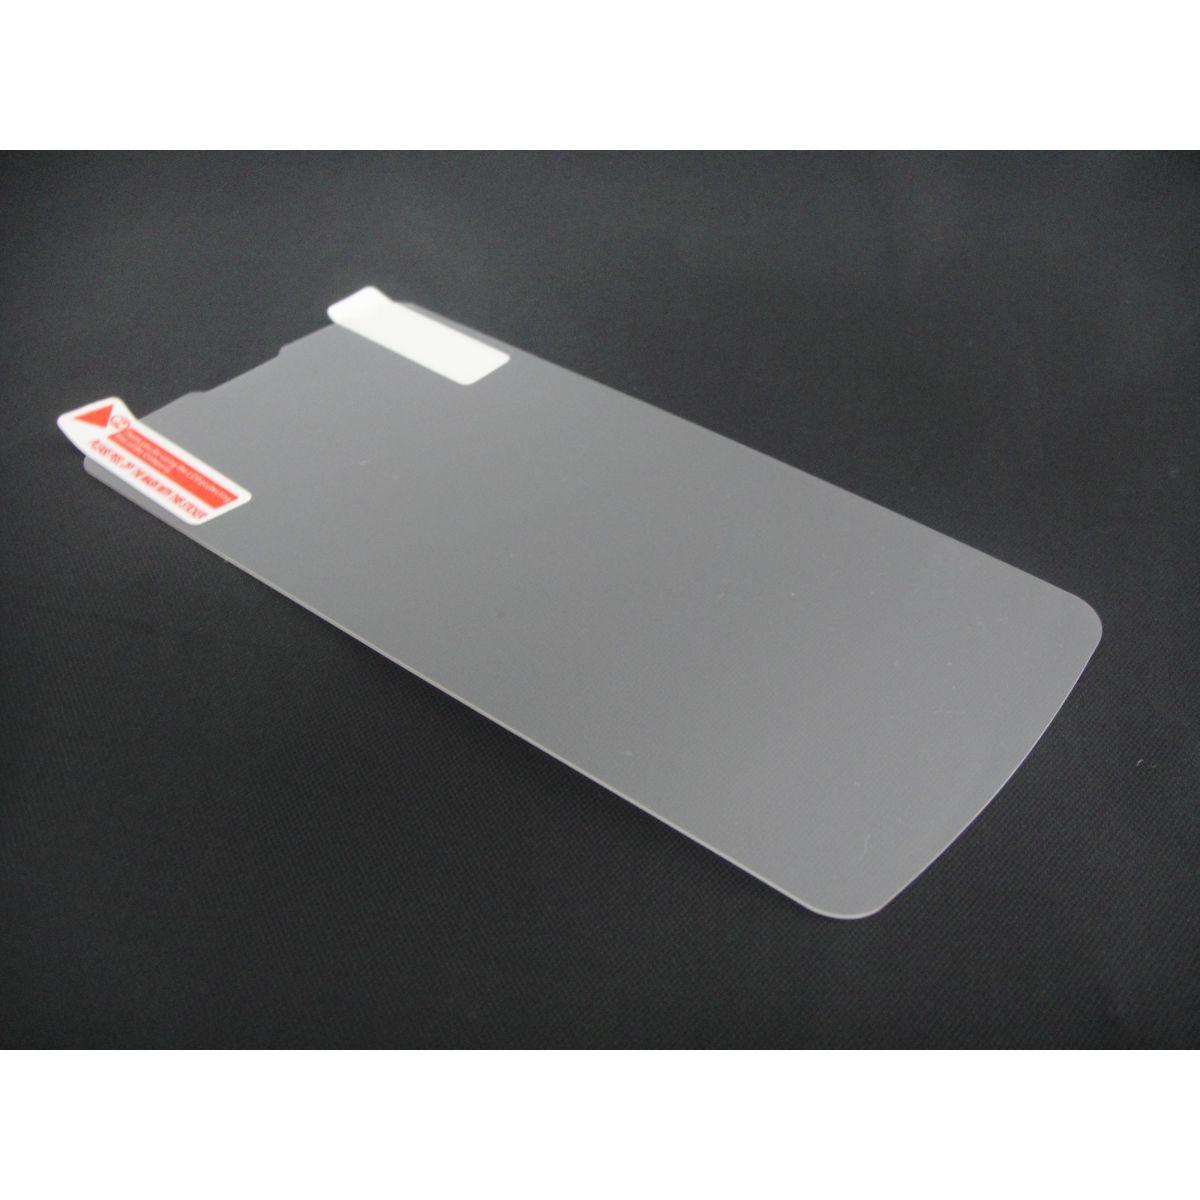 Pelicula Protetora para Lg Nexus 4 E960 Fosca